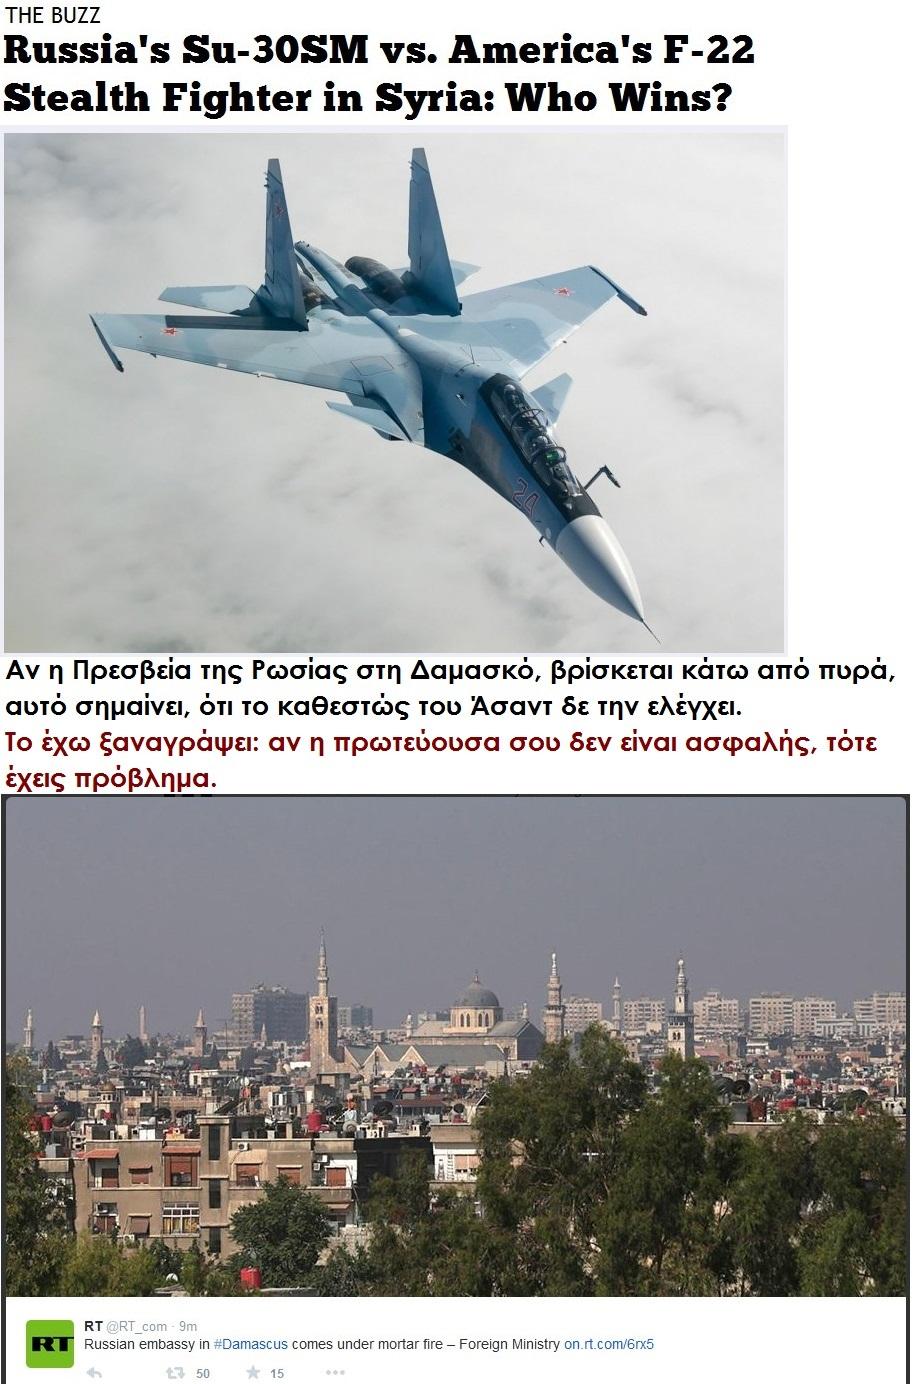 SYRIA RUSSIA USA Su-30SM VS F-22 01 DAMASCOS 210915